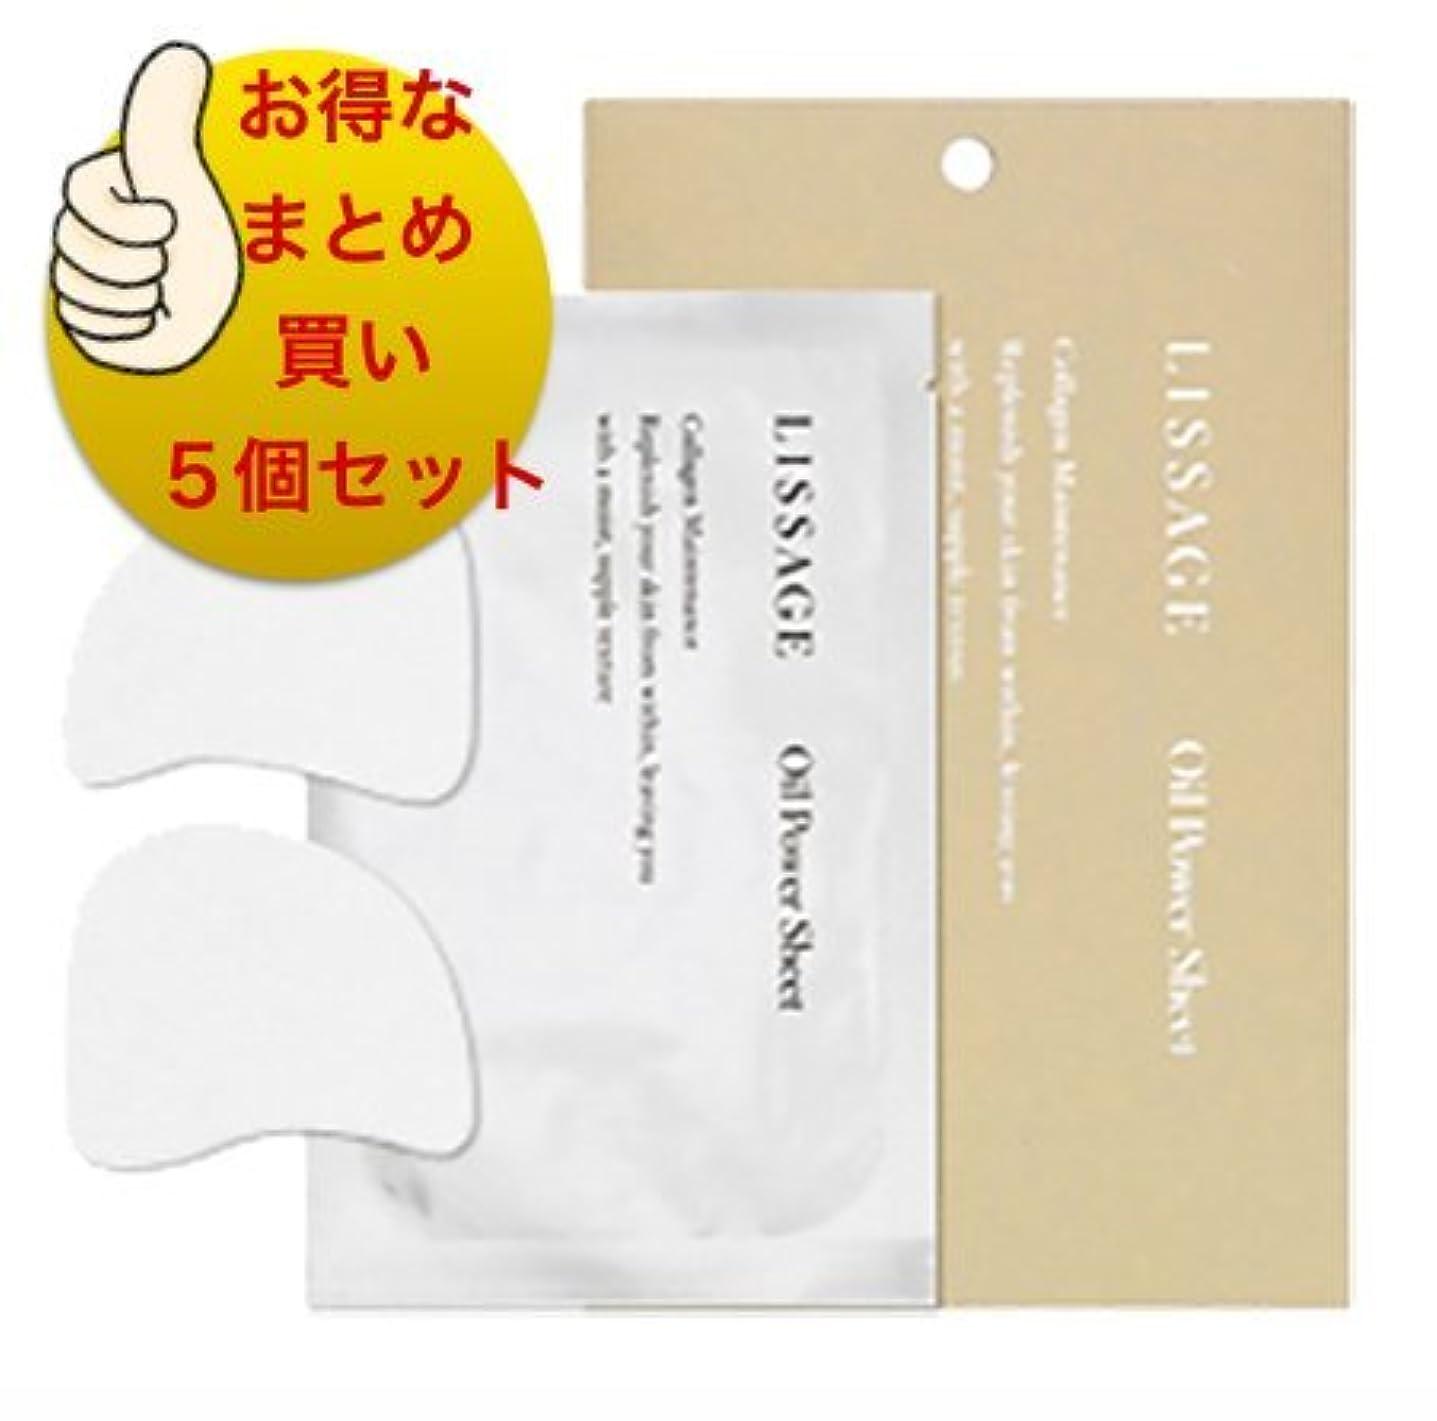 投票メルボルン呼び出す【リサージ】LISSAGE (リサージ) オイルパワーシート (3セット (6枚)) .の5個まとめ買いセット